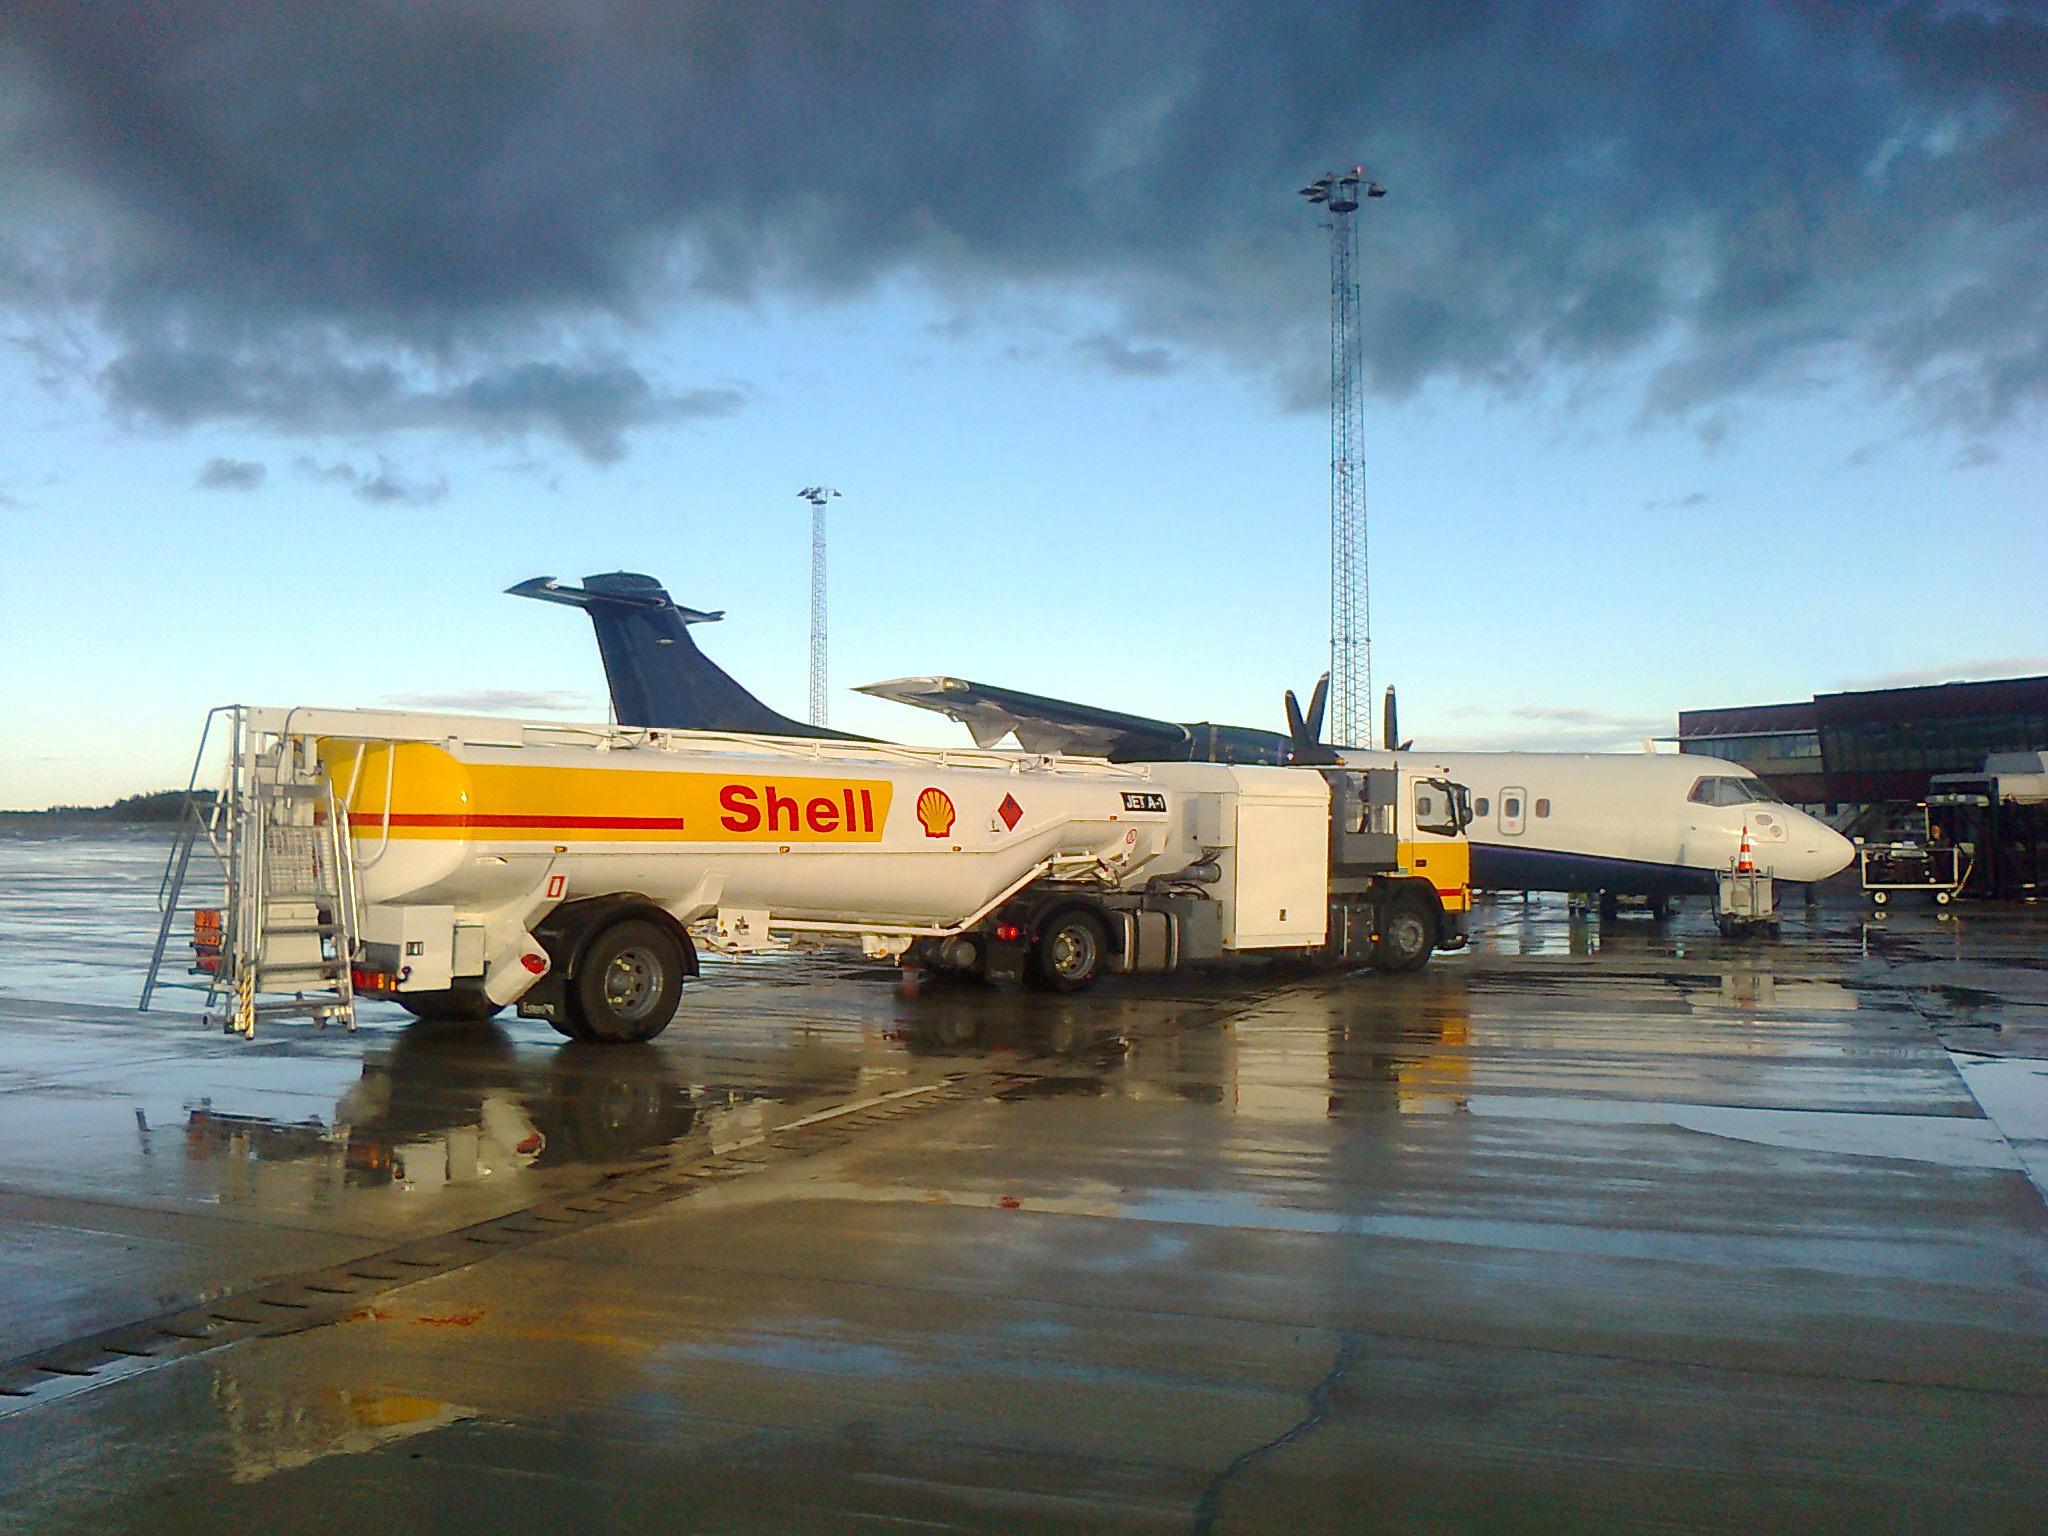 Nyt samarbejde om levering af flybrændstof i syv danske lufthavne.